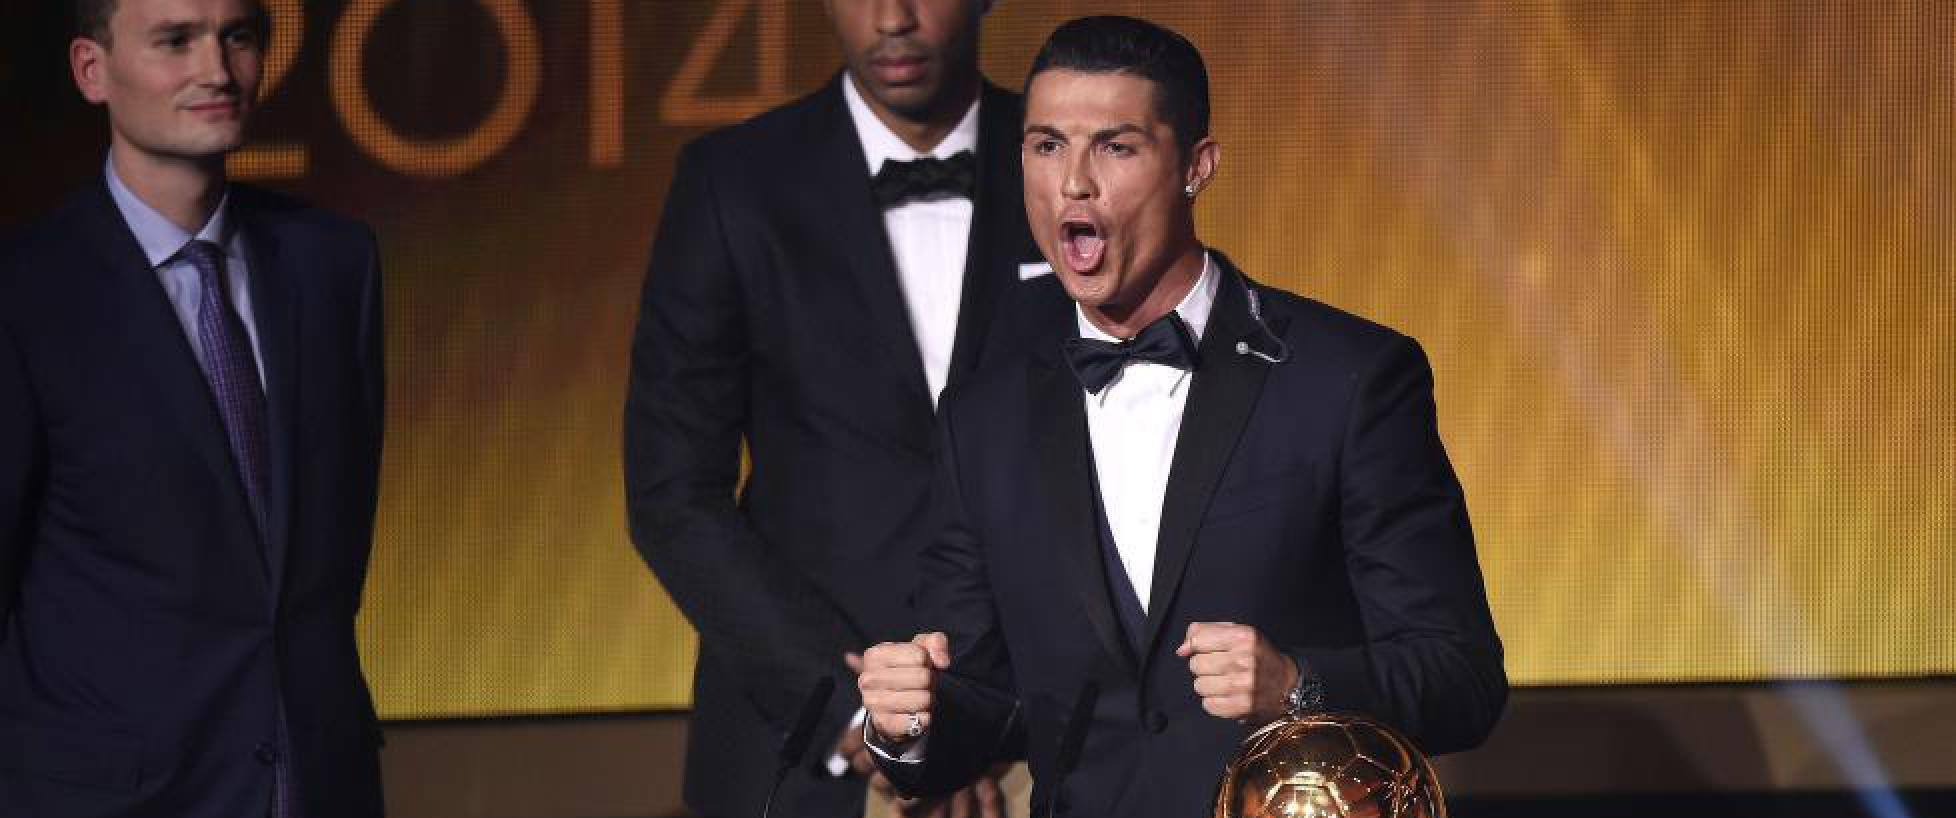 vinnerene av gullballen